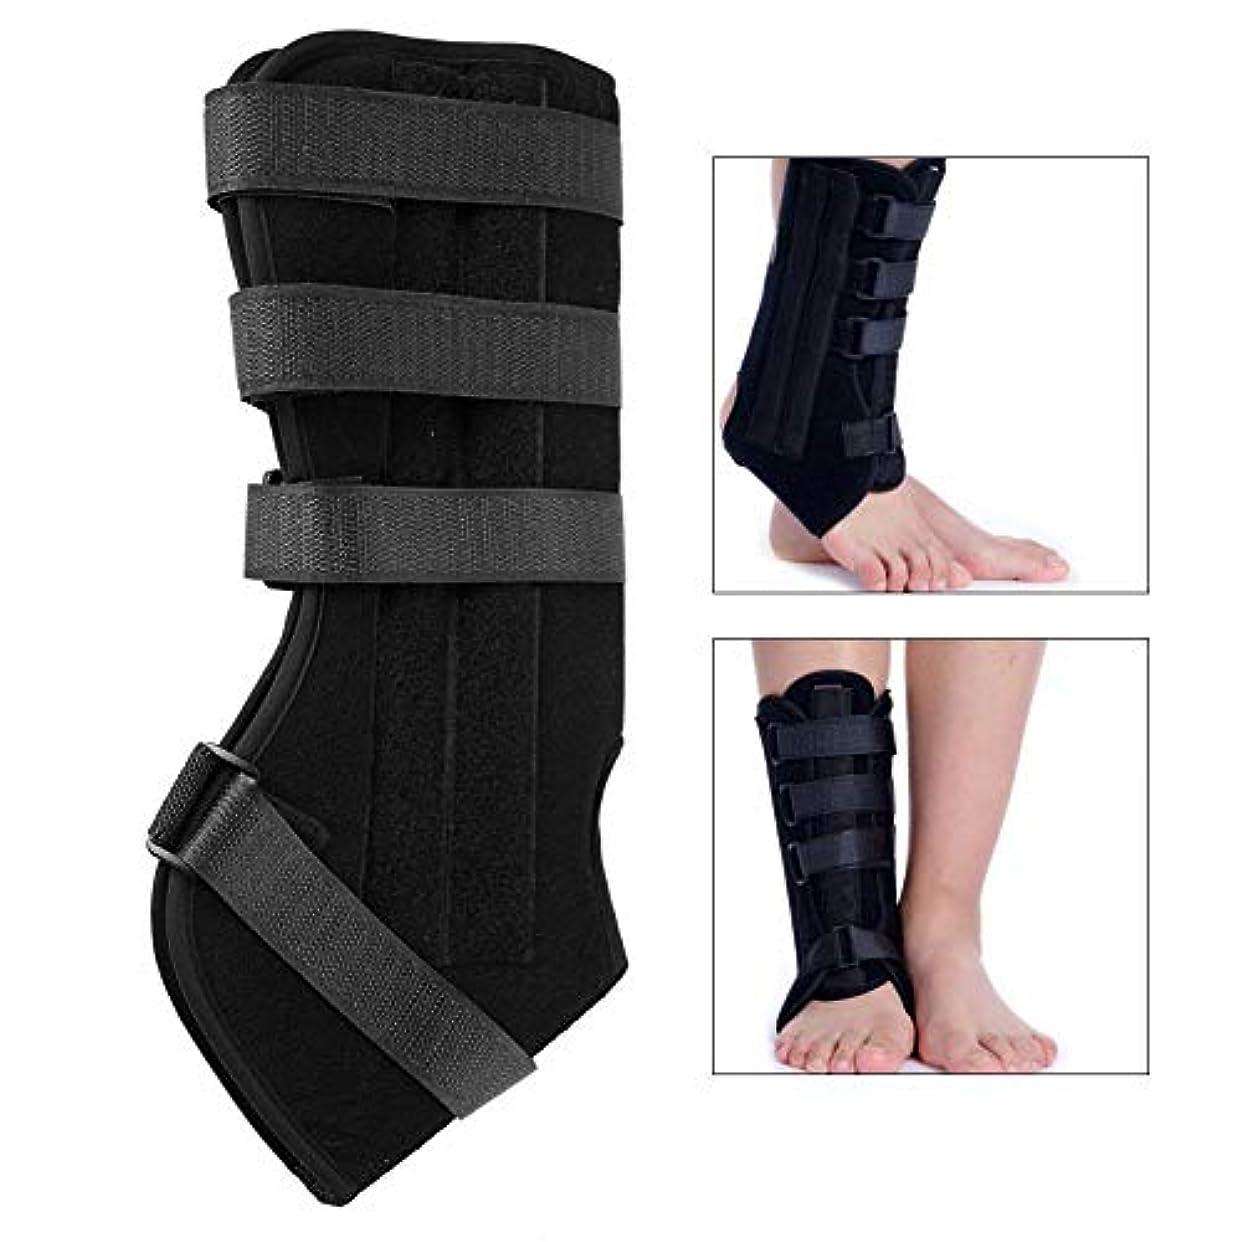 絡み合い出くわす行列足首装具、足首関節外部固定骨折治療修正サポートツールブレースサポート腱矯正手術後,S